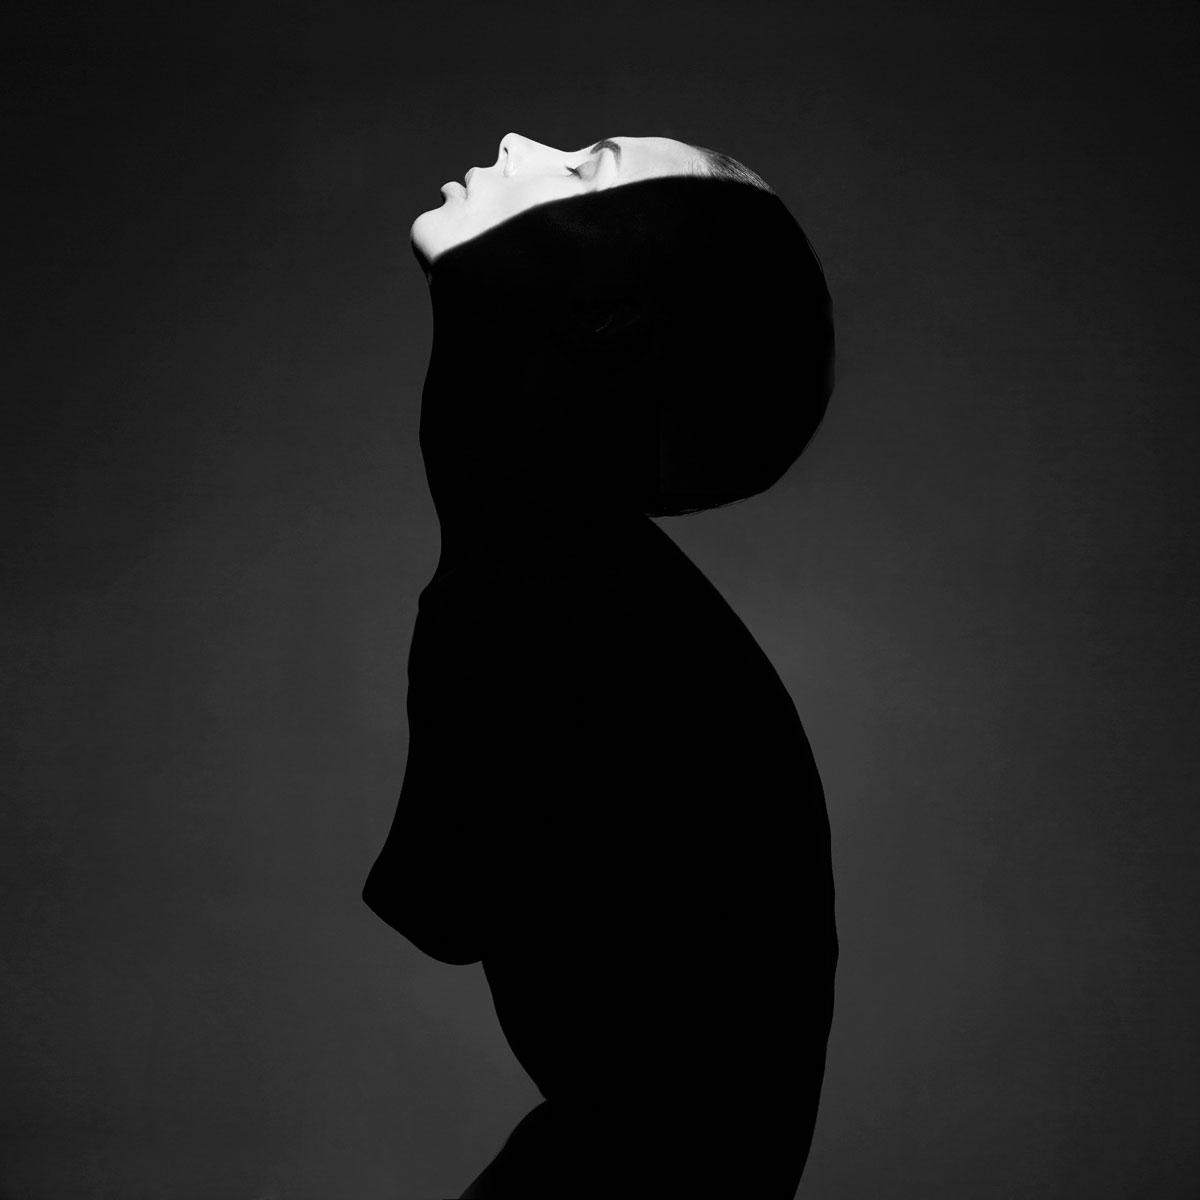 A legjobb portré - Fotó: George Mayer/Sony World Photography Awards